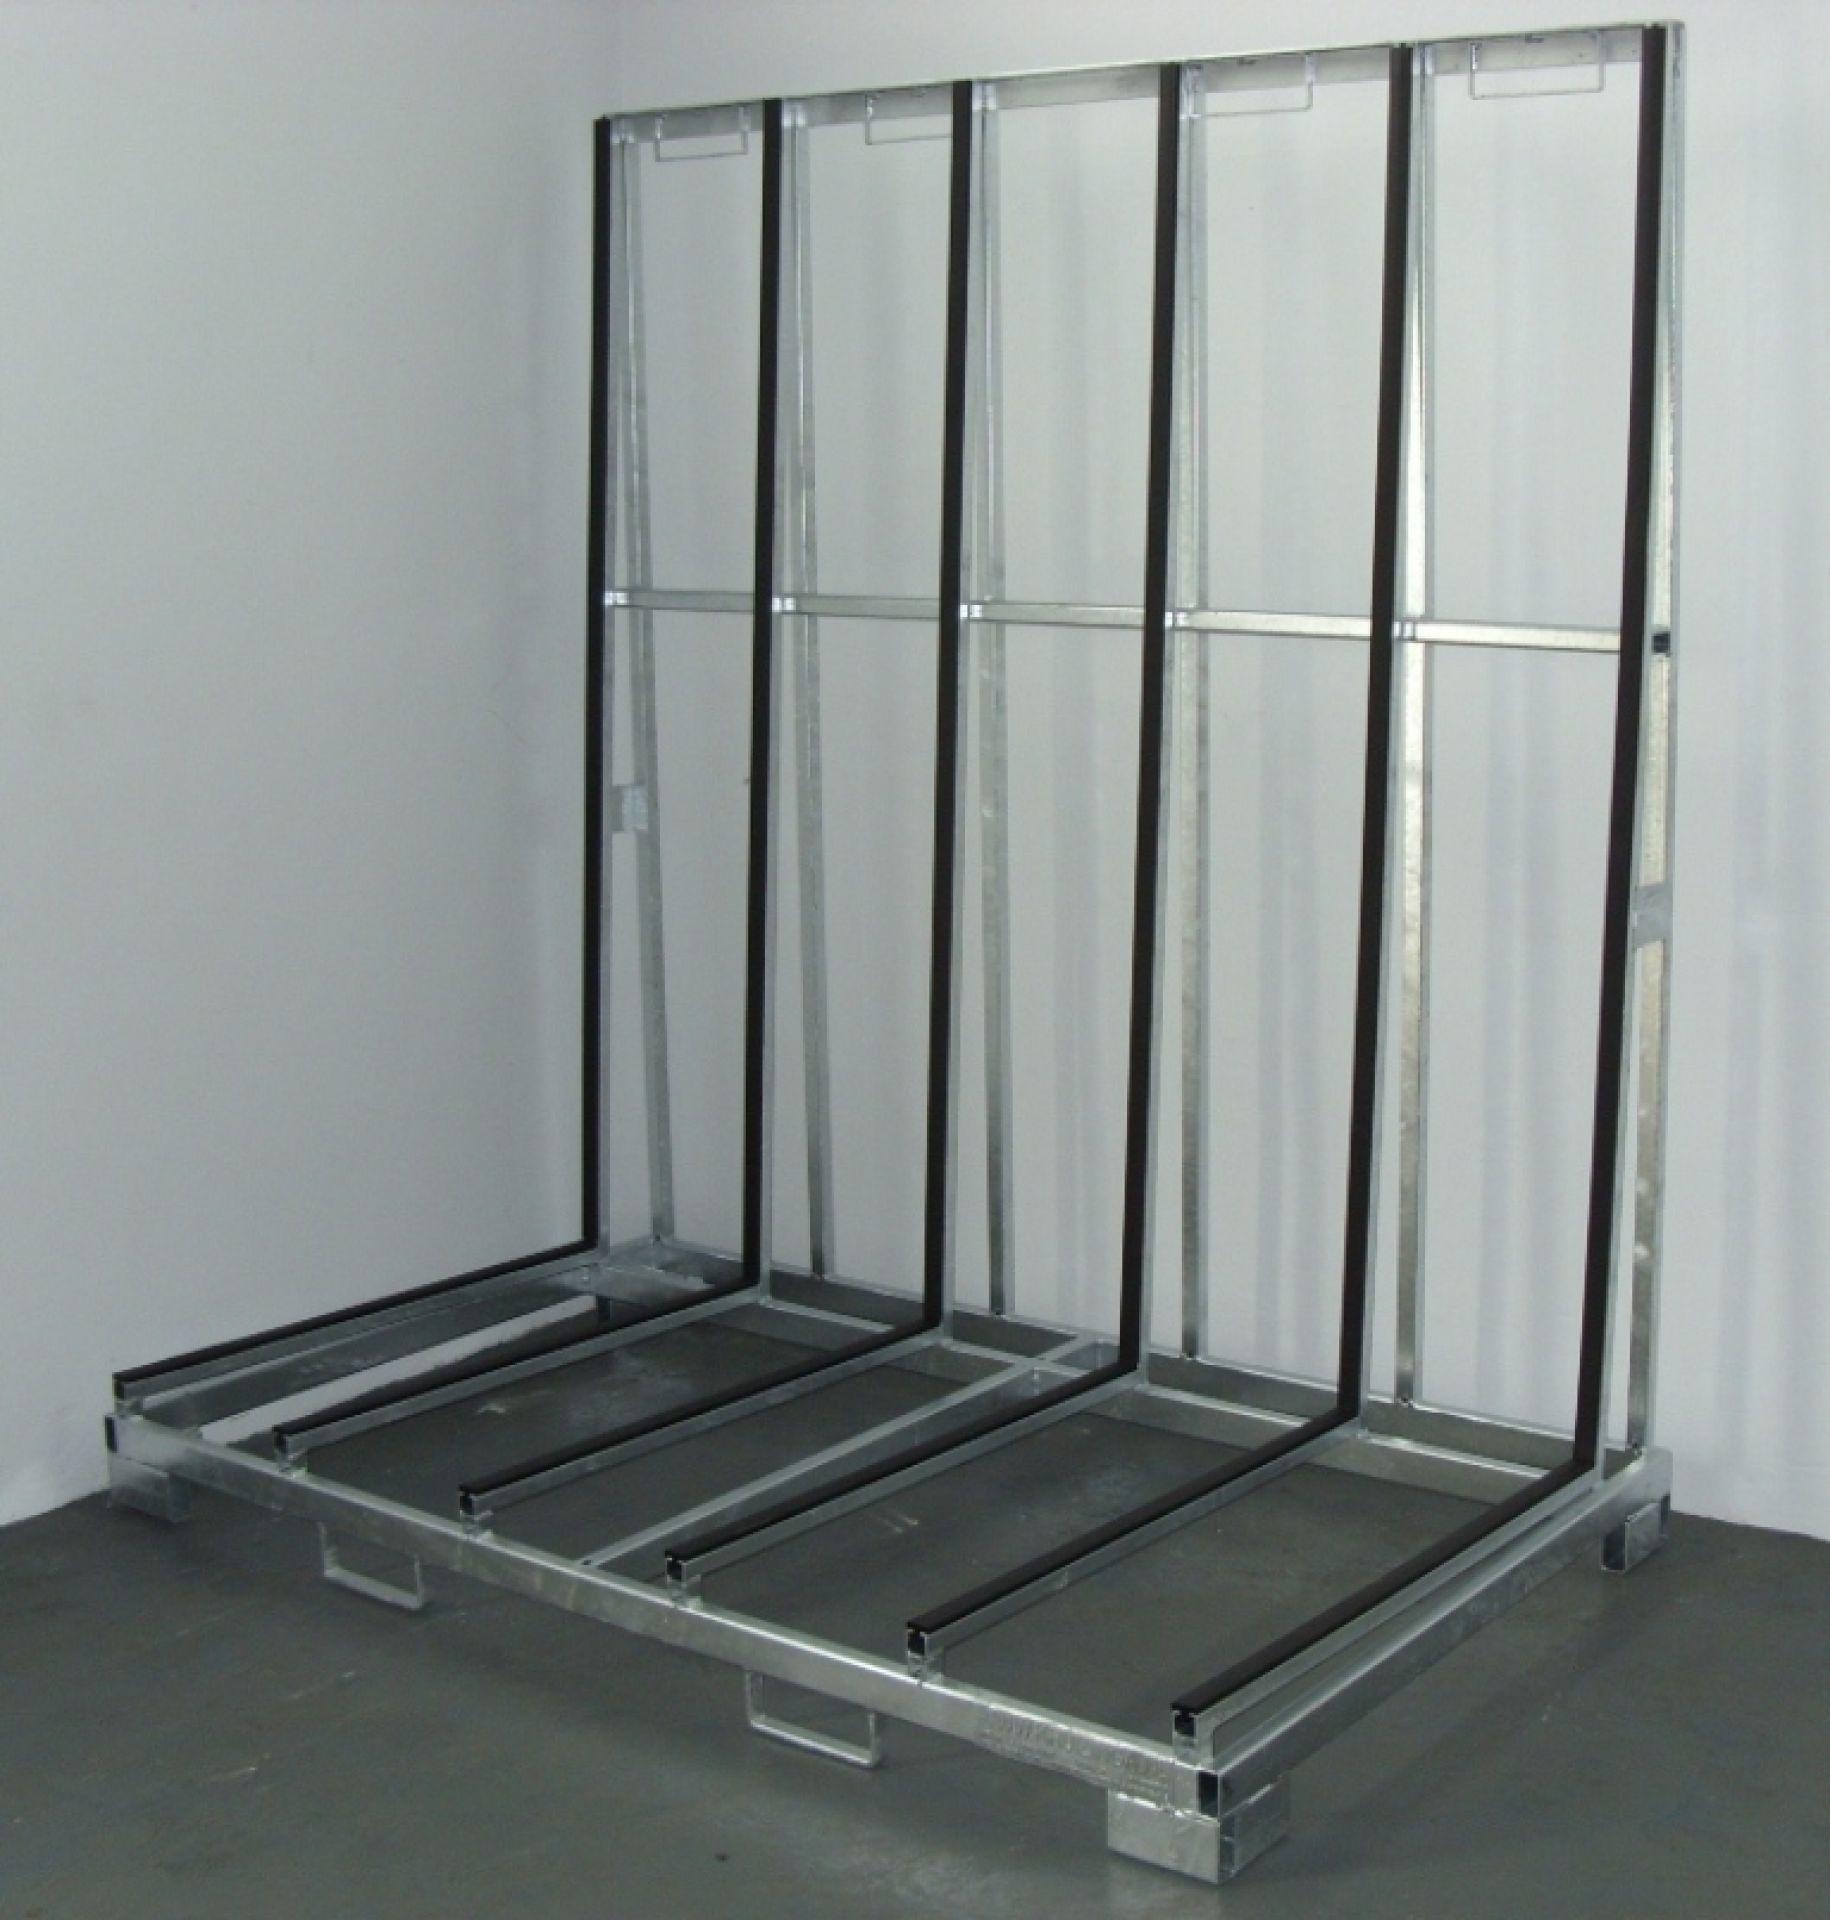 Glasgestelle Typ A für einseitige Beladung